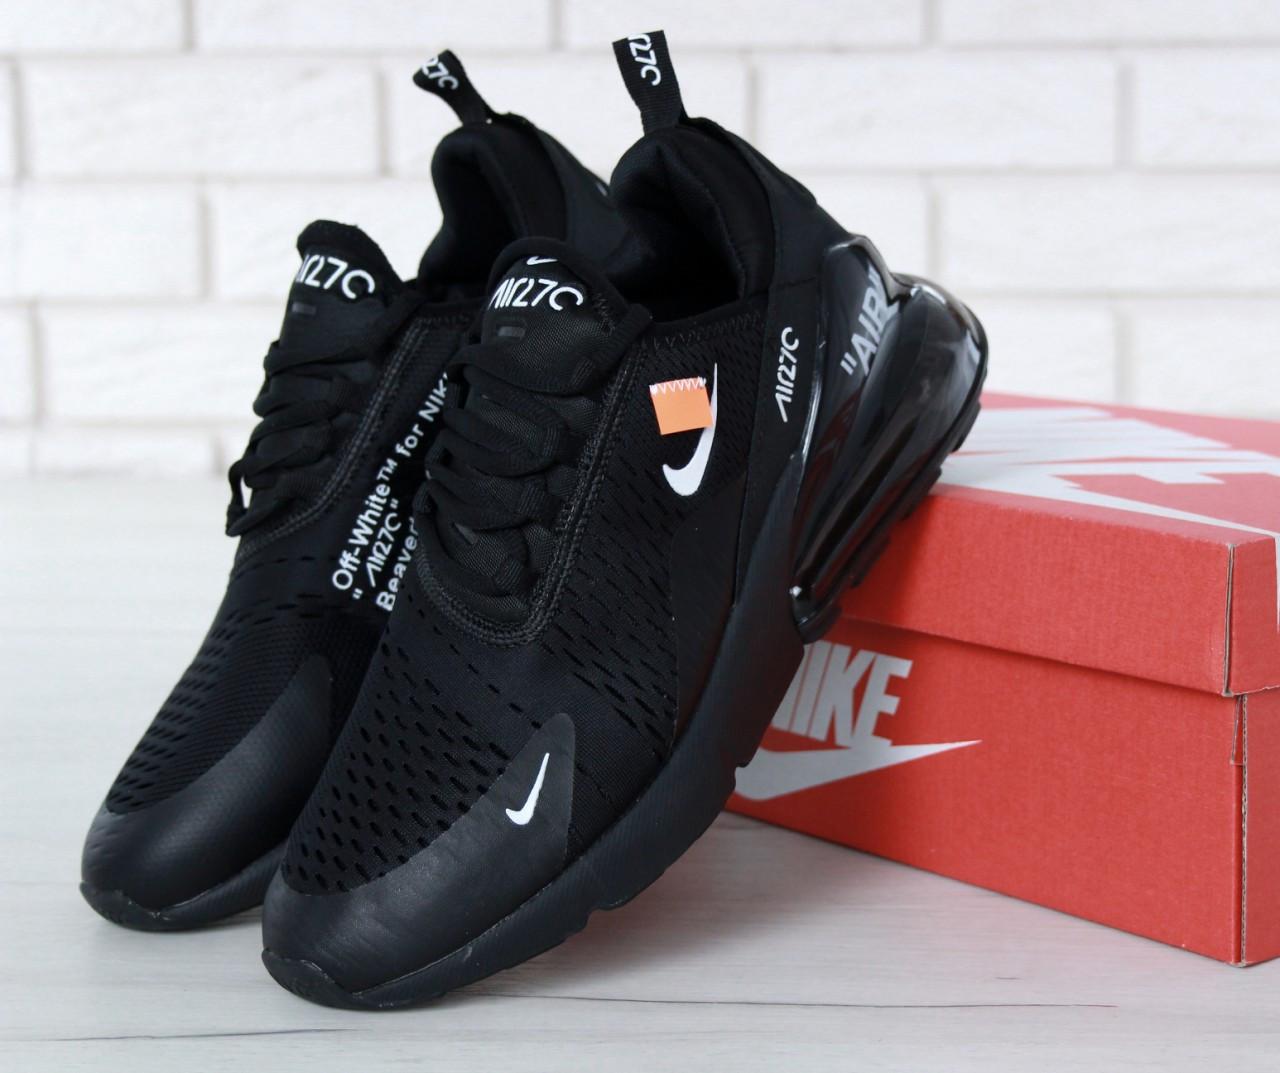 b755f2f7 Кроссовки мужские в стиле Nike Найк Air Max 270 код товара KD-11622. Черные